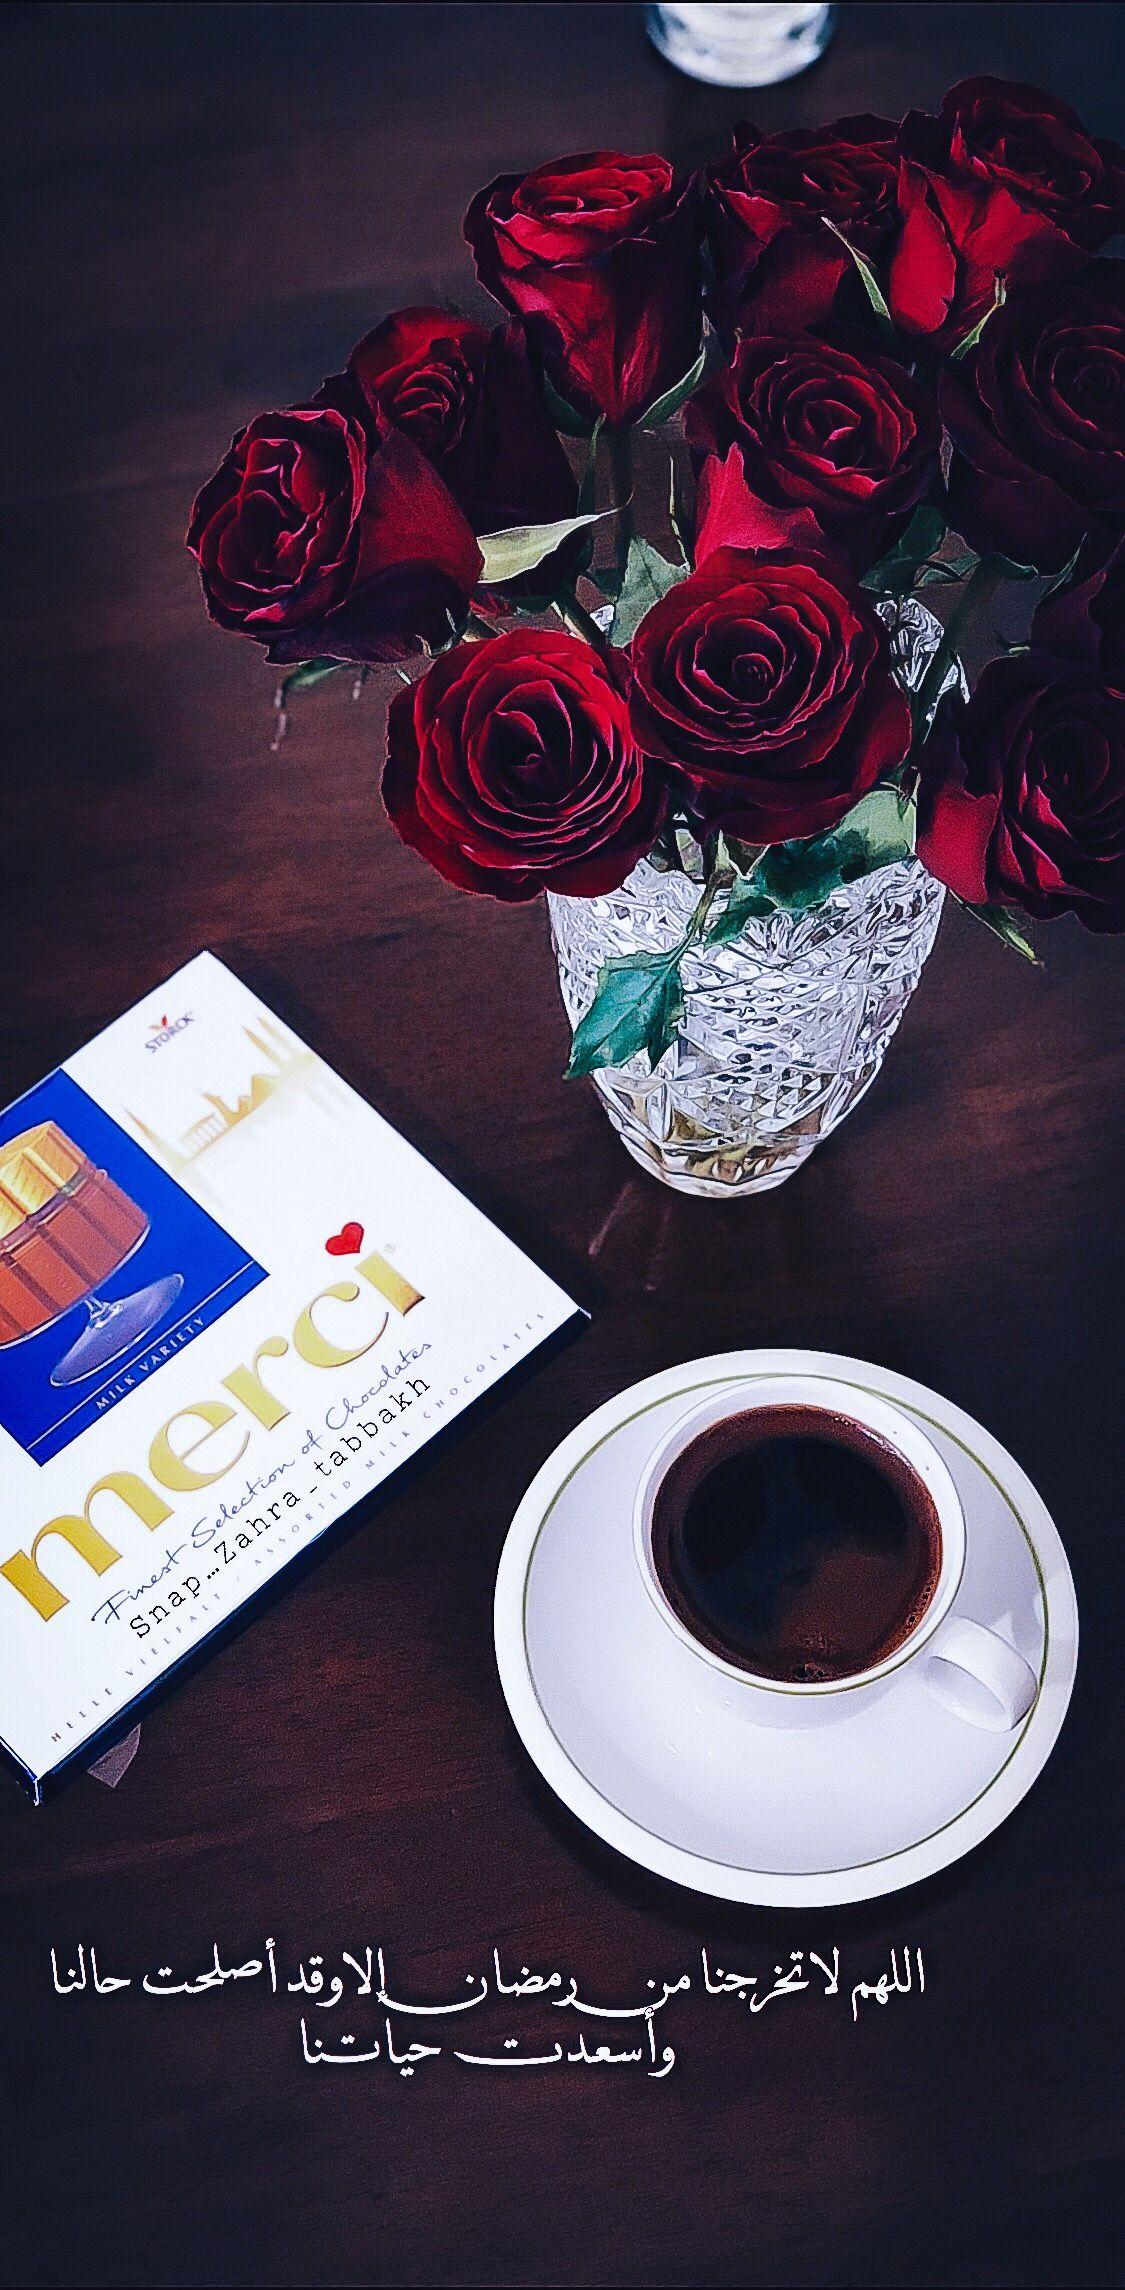 اللهم اصلح حالنا و اسعدنا يارب Romantic Art Islamic Pictures Good Night Messages